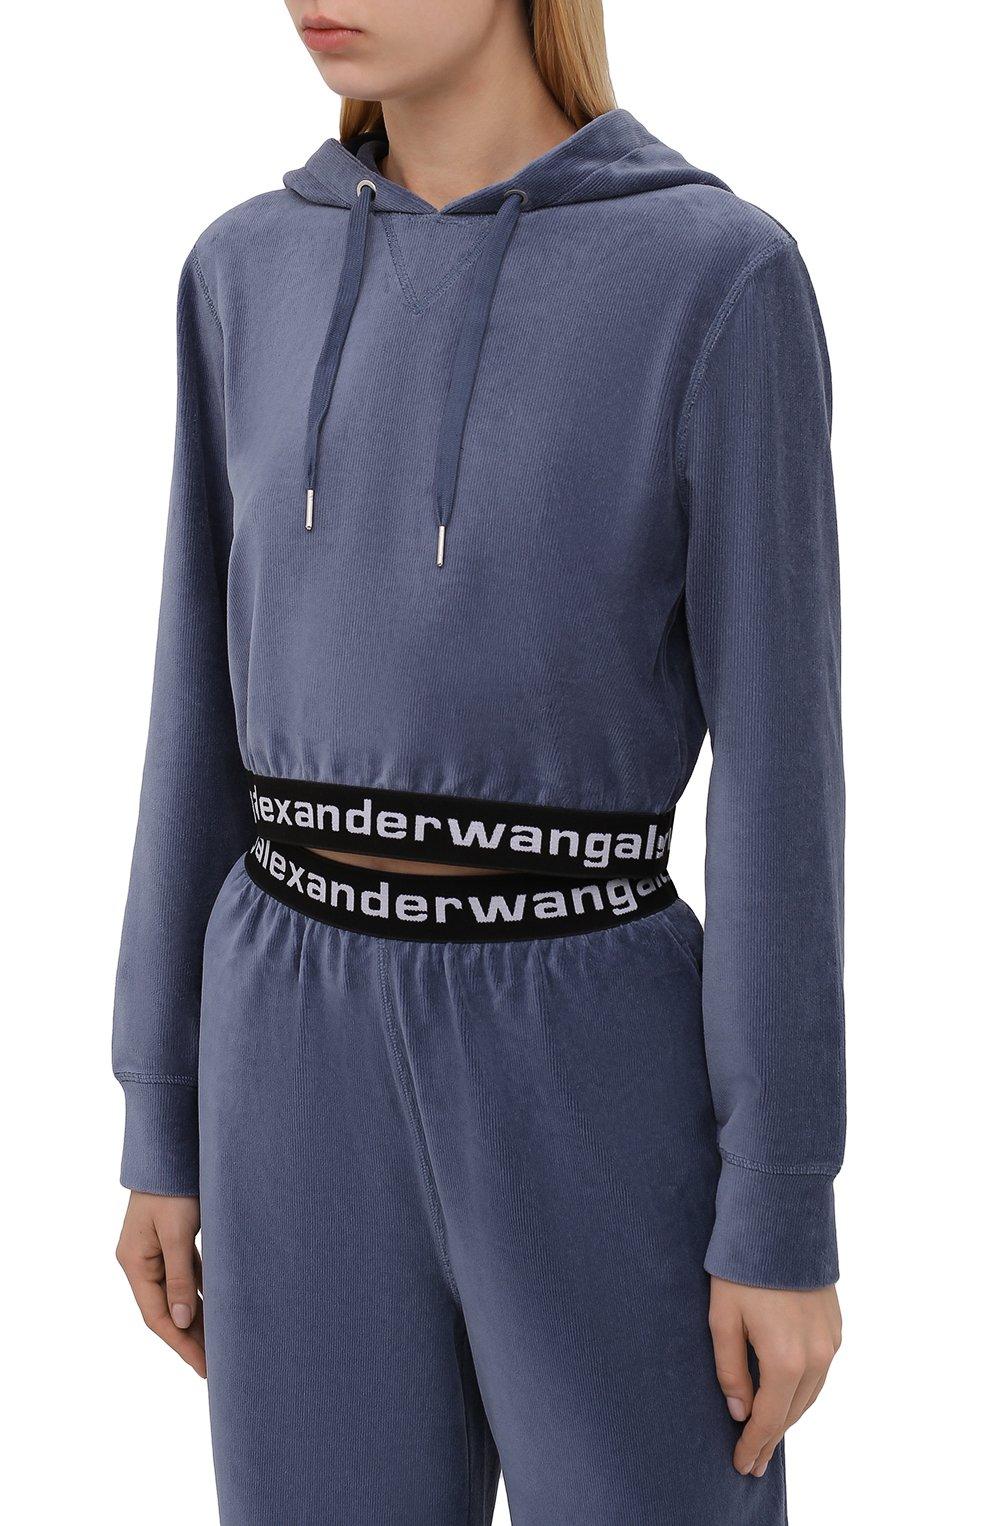 Женский худи ALEXANDERWANG.T тёмно-голубого цвета, арт. 4CC1211197 | Фото 3 (Рукава: Длинные; Материал внешний: Синтетический материал, Хлопок; Женское Кросс-КТ: Худи-спорт, Худи-одежда; Стили: Спорт-шик; Длина (для топов): Укороченные)